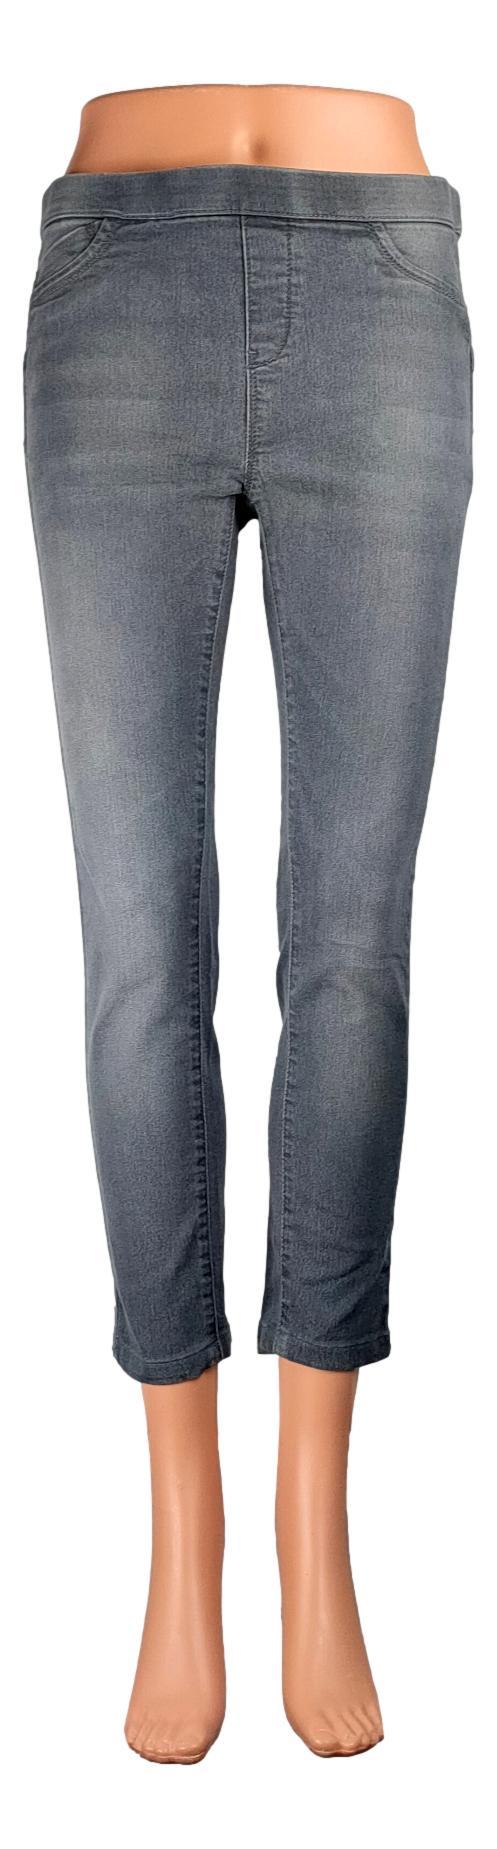 Pantalon Camaïeu -Taille 38